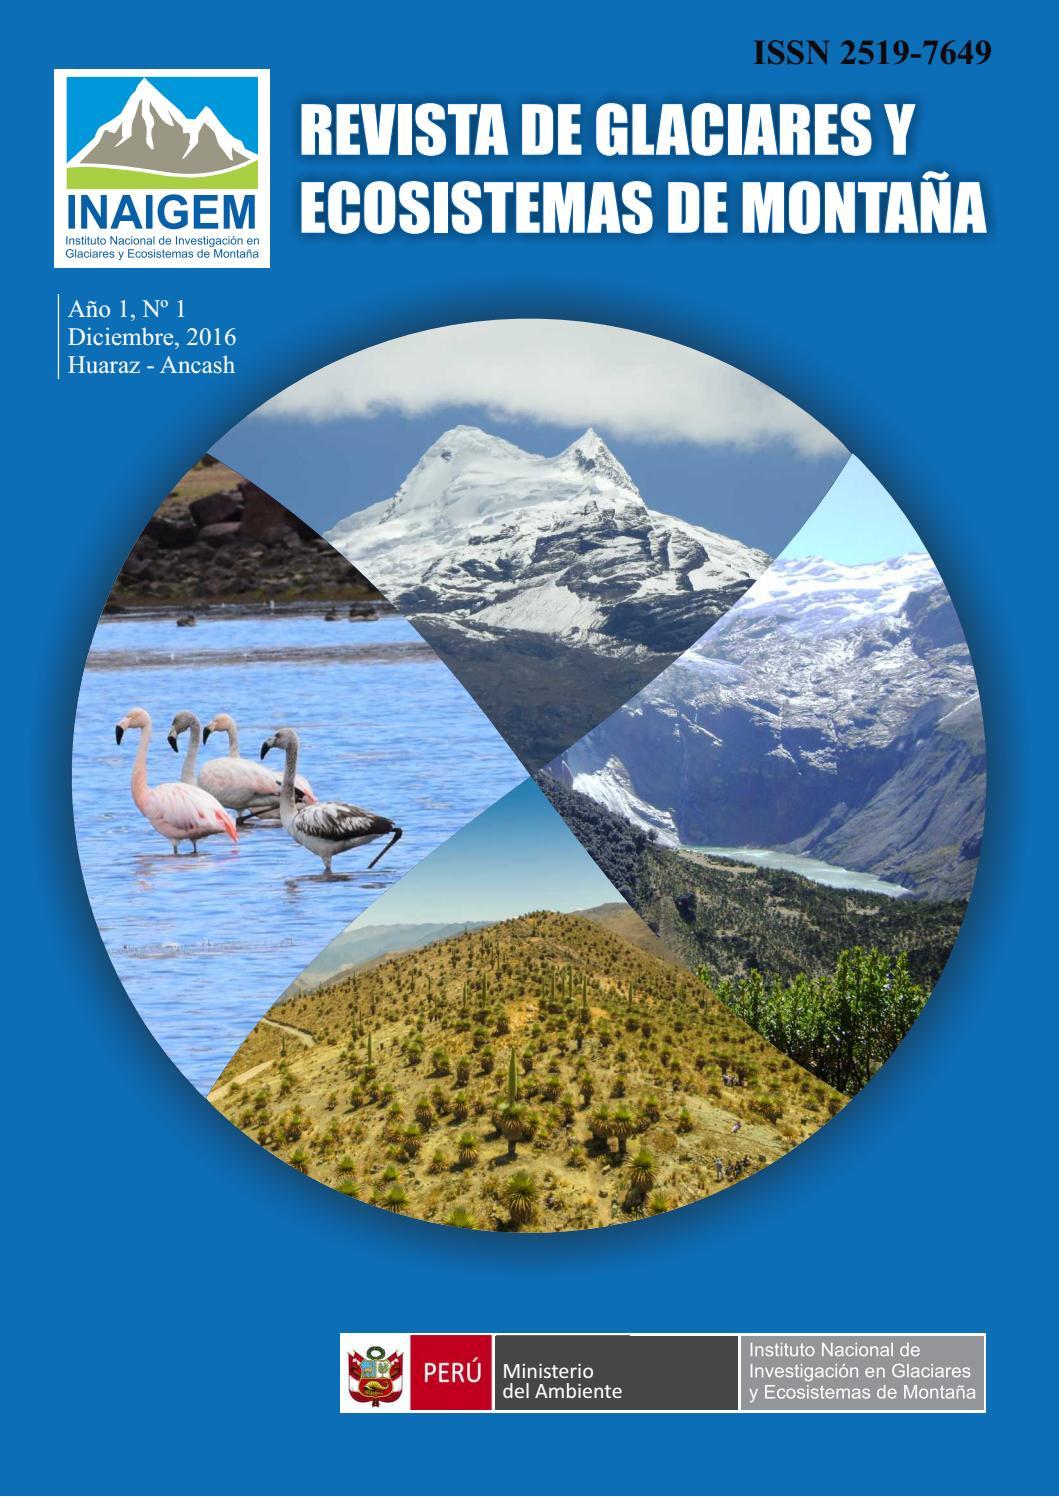 Revista de Glaciares y Ecosistemas de Montaña by INAIGEM - issuu